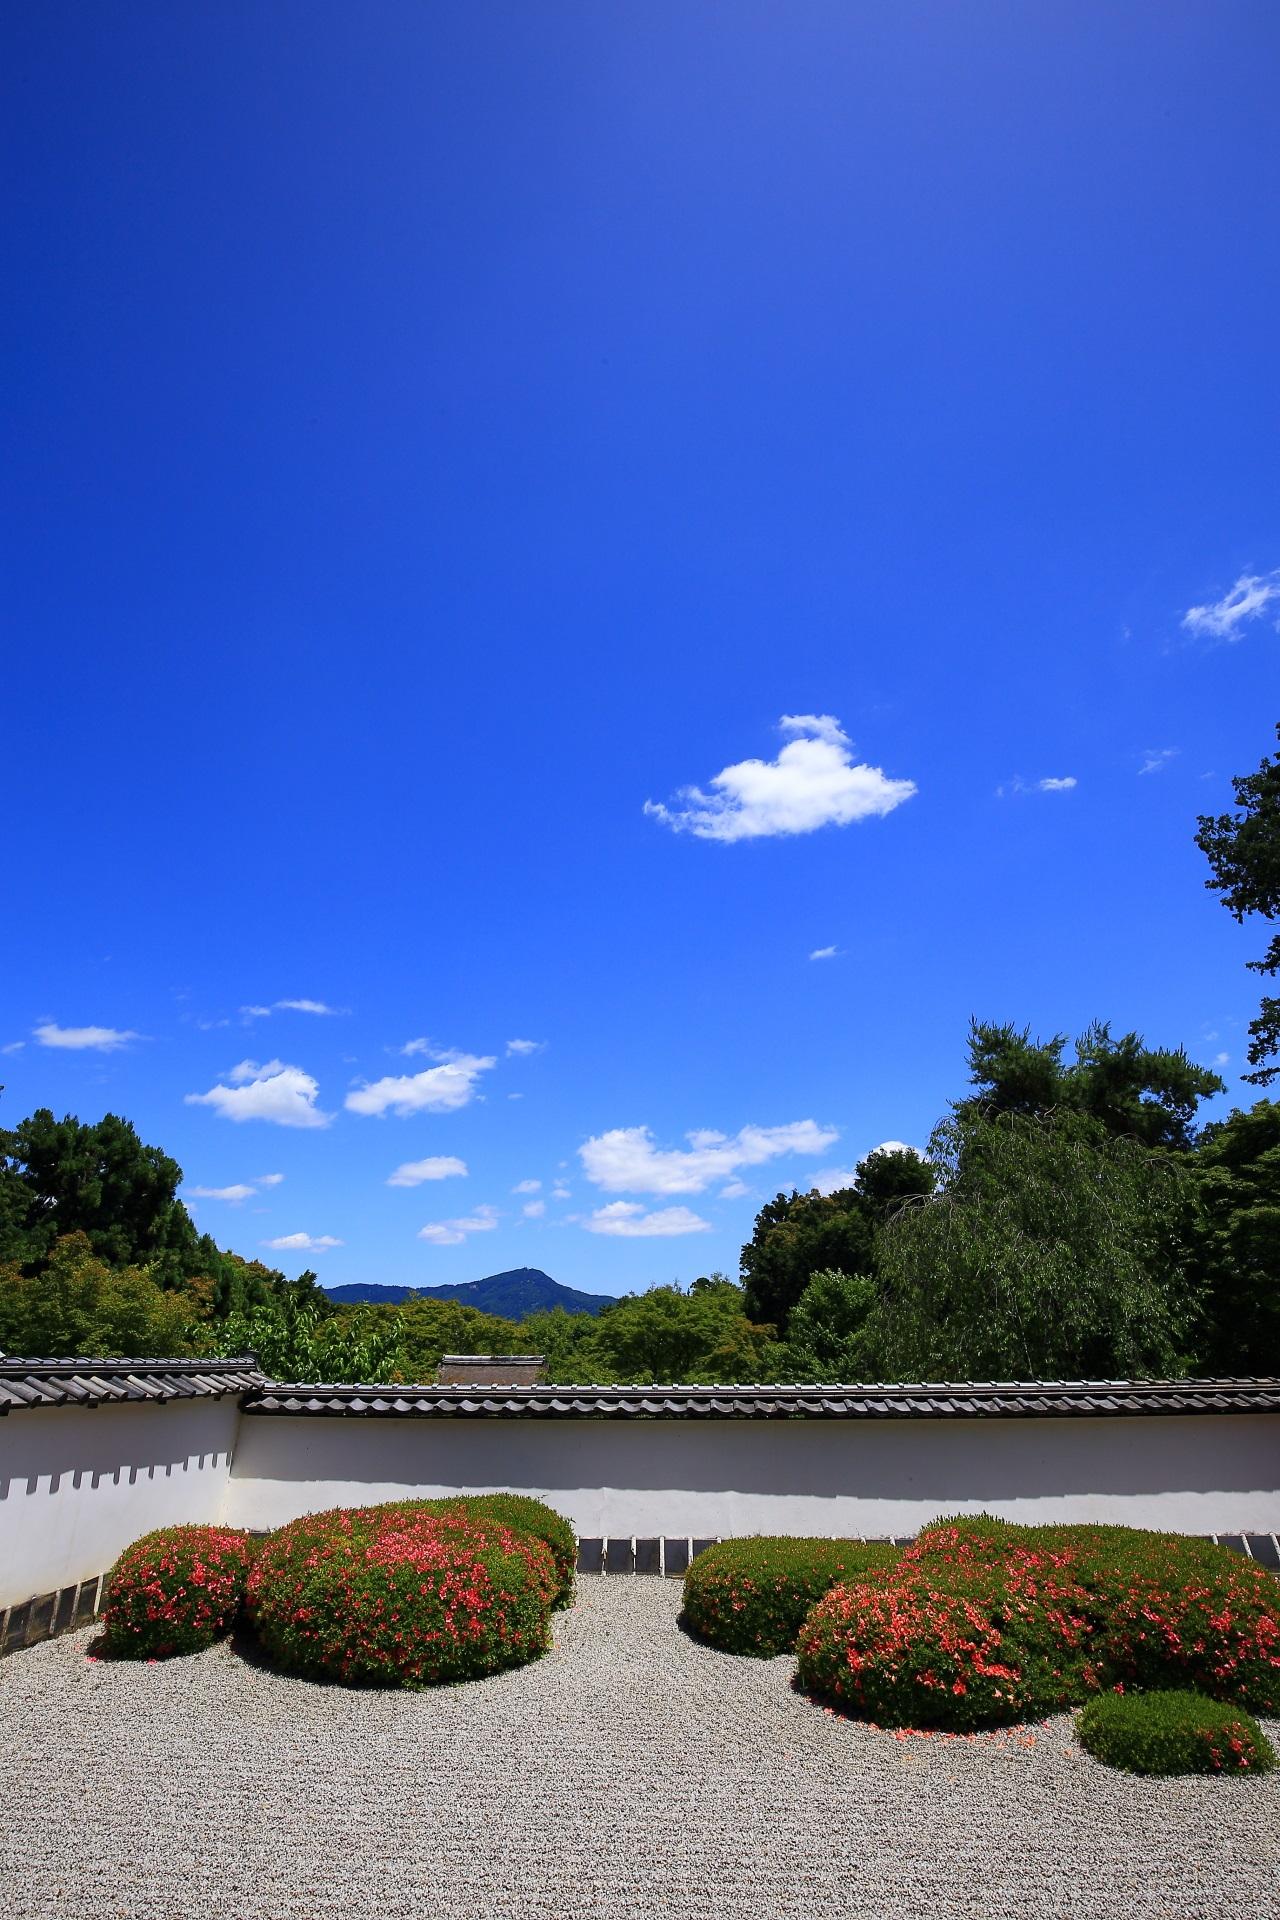 庭園の一部となる綺麗な比叡山と美しい青空